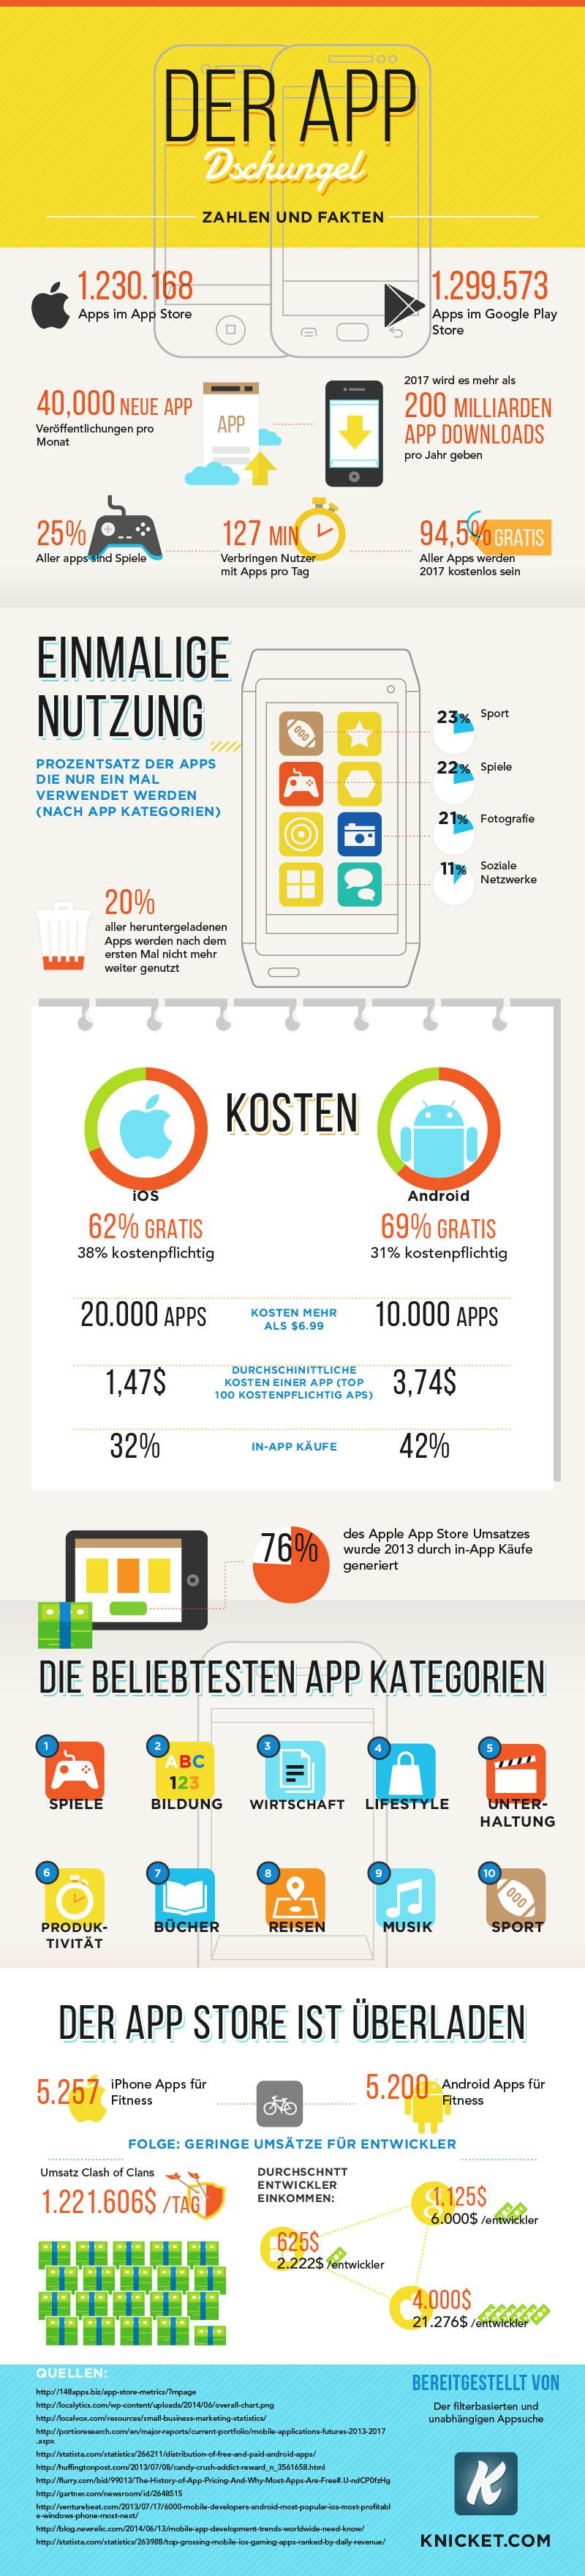 knicket infografik deutsch